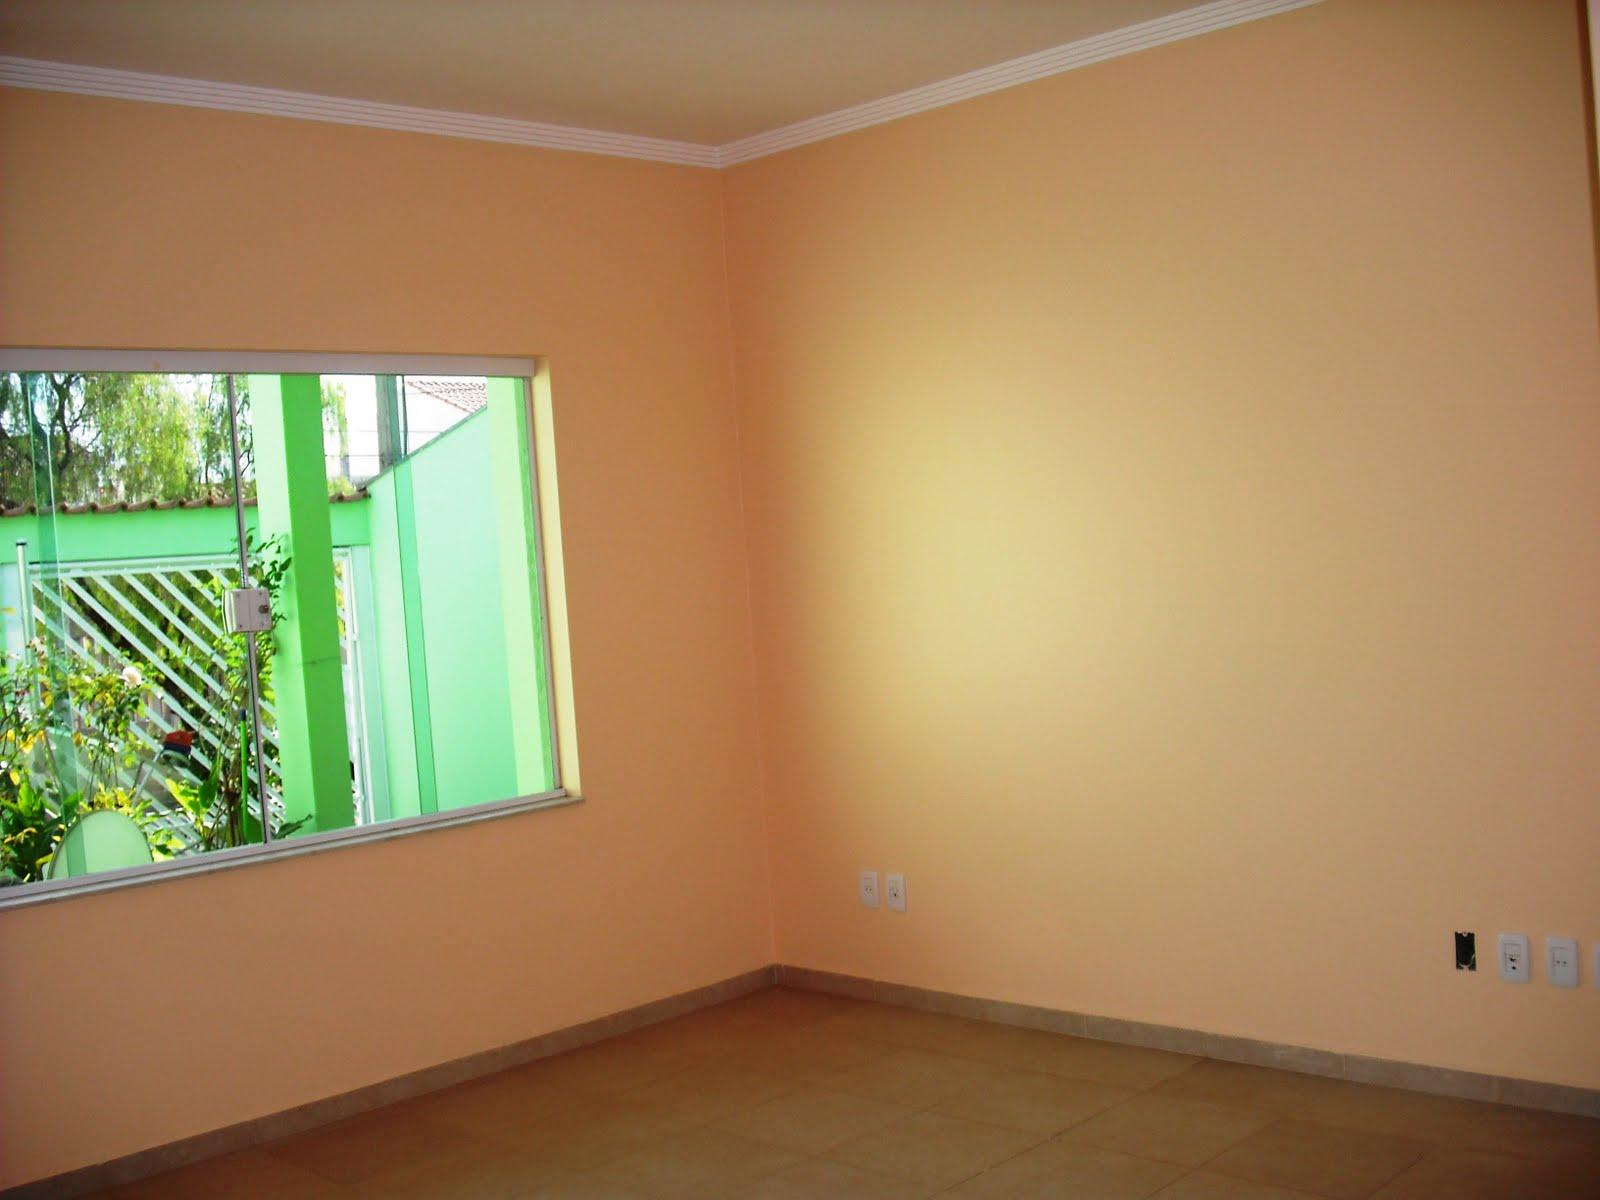 #2C9F57 DE NEGÓCIOS: Sala Piso porcelanato 3 ambs janela de vidro  186 Janelas De Vidro Na Sala